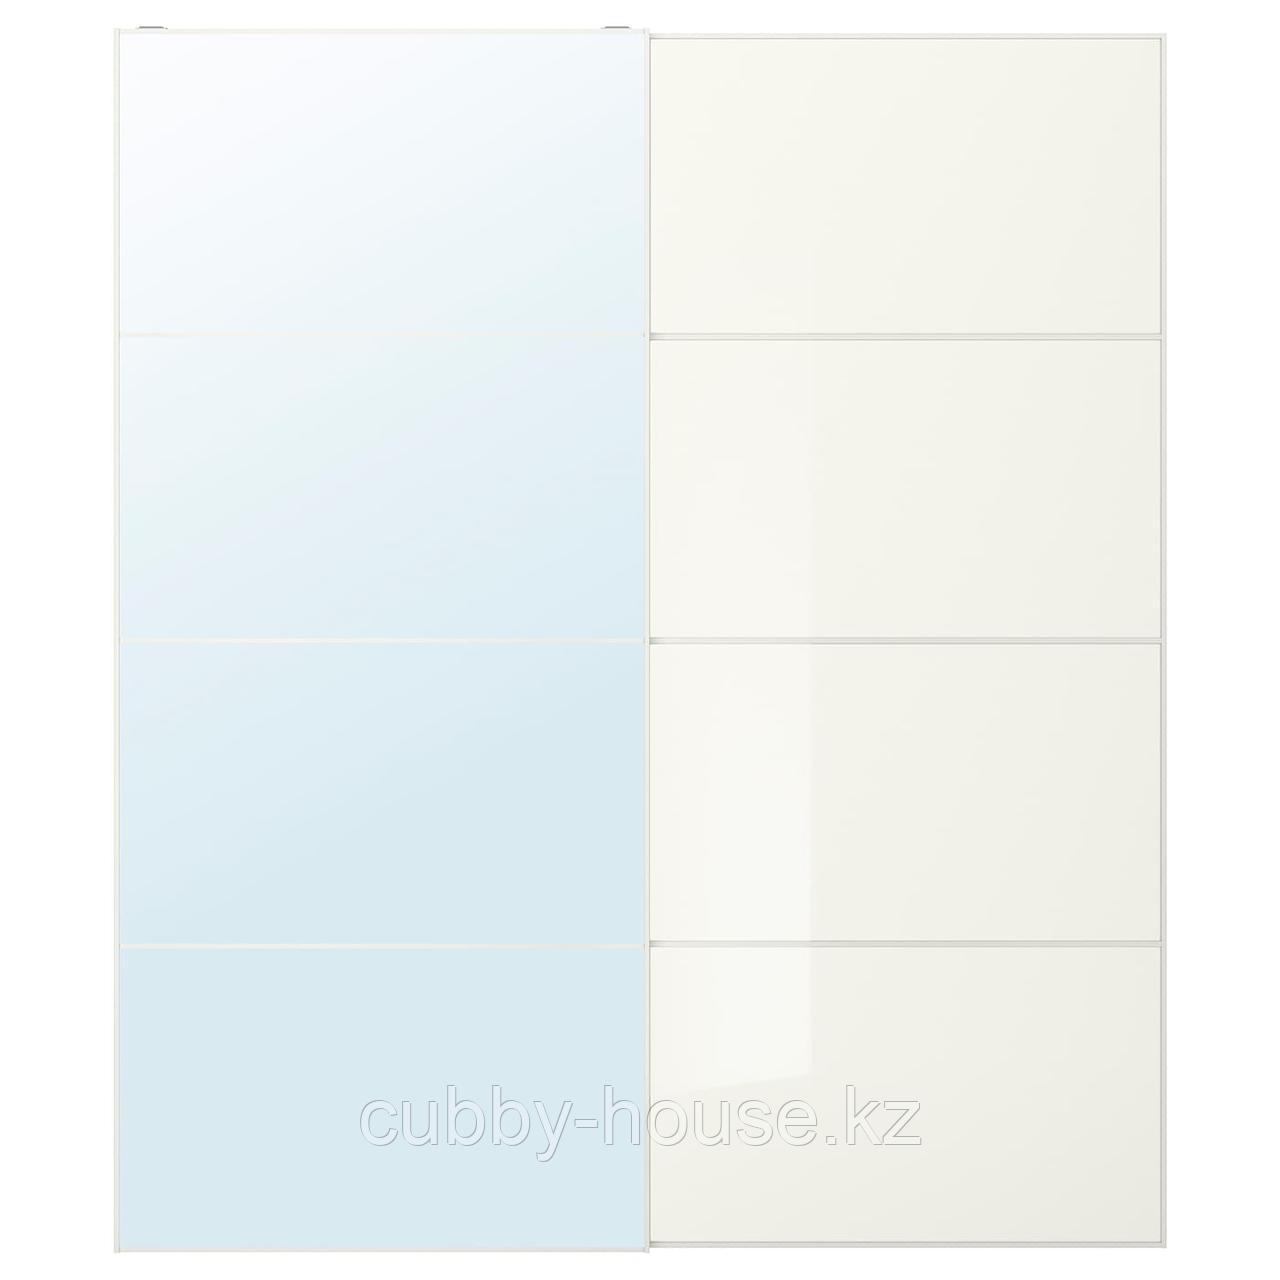 АУЛИ / ФЭРВИК Пара раздвижных дверей, зеркальное стекло, белое стекло, 200x236 см